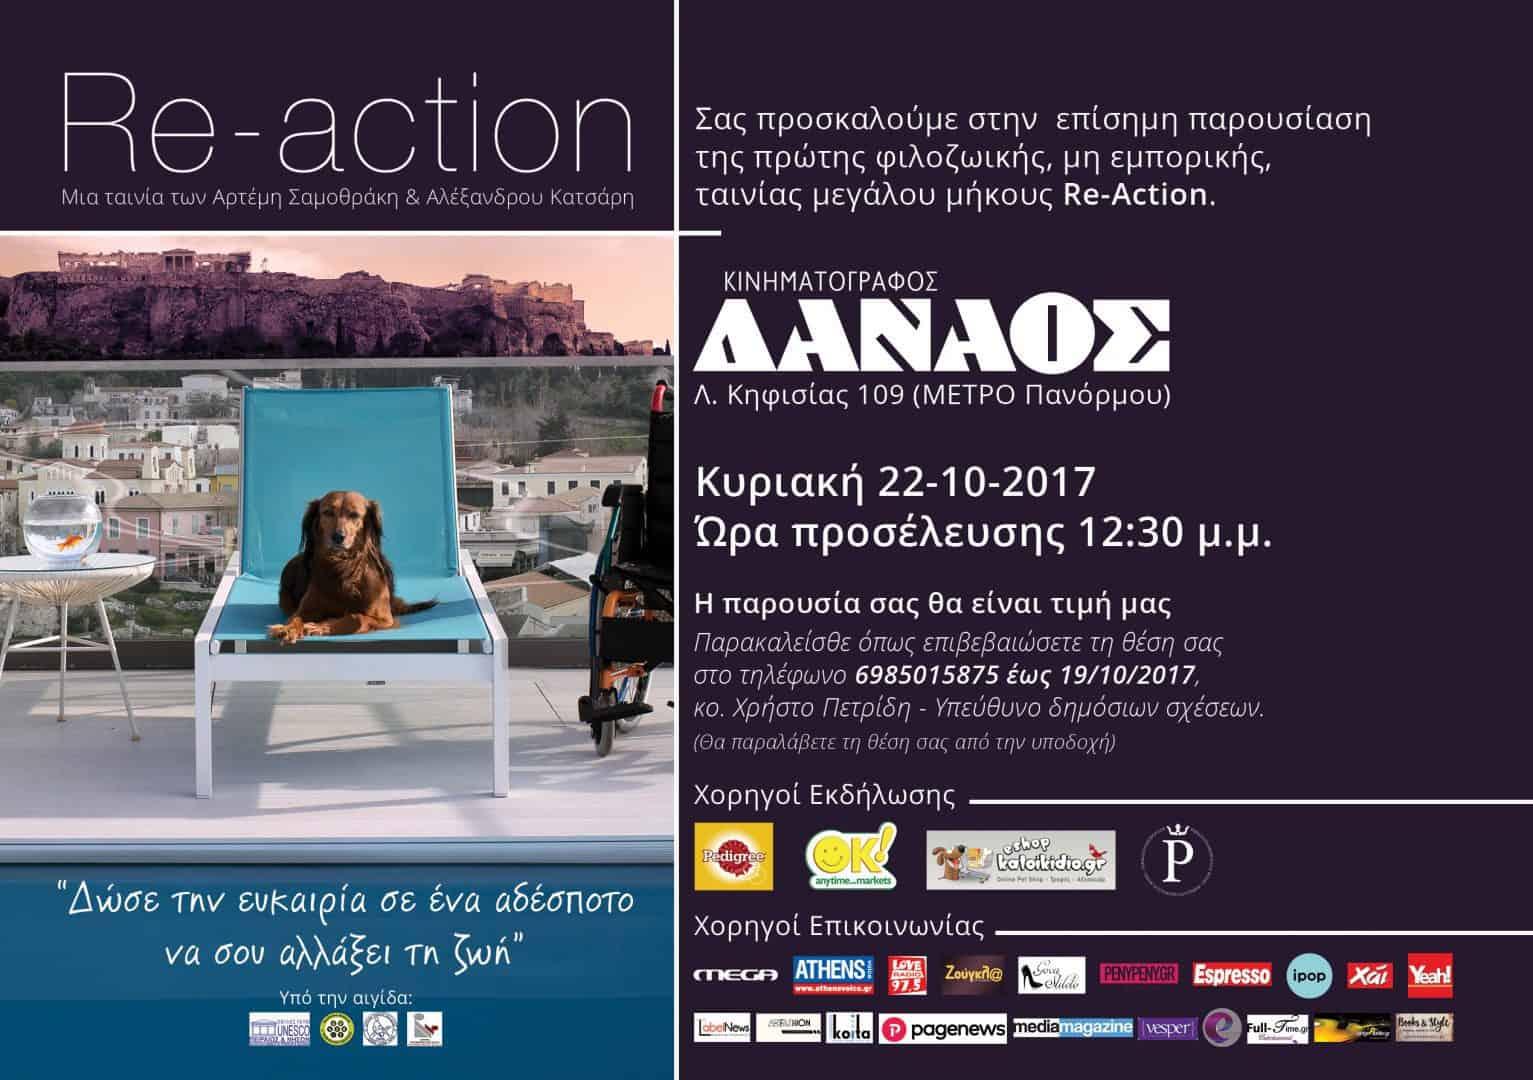 Πρόσκληση στην πρεμιέρα της ταινίας Re-Action